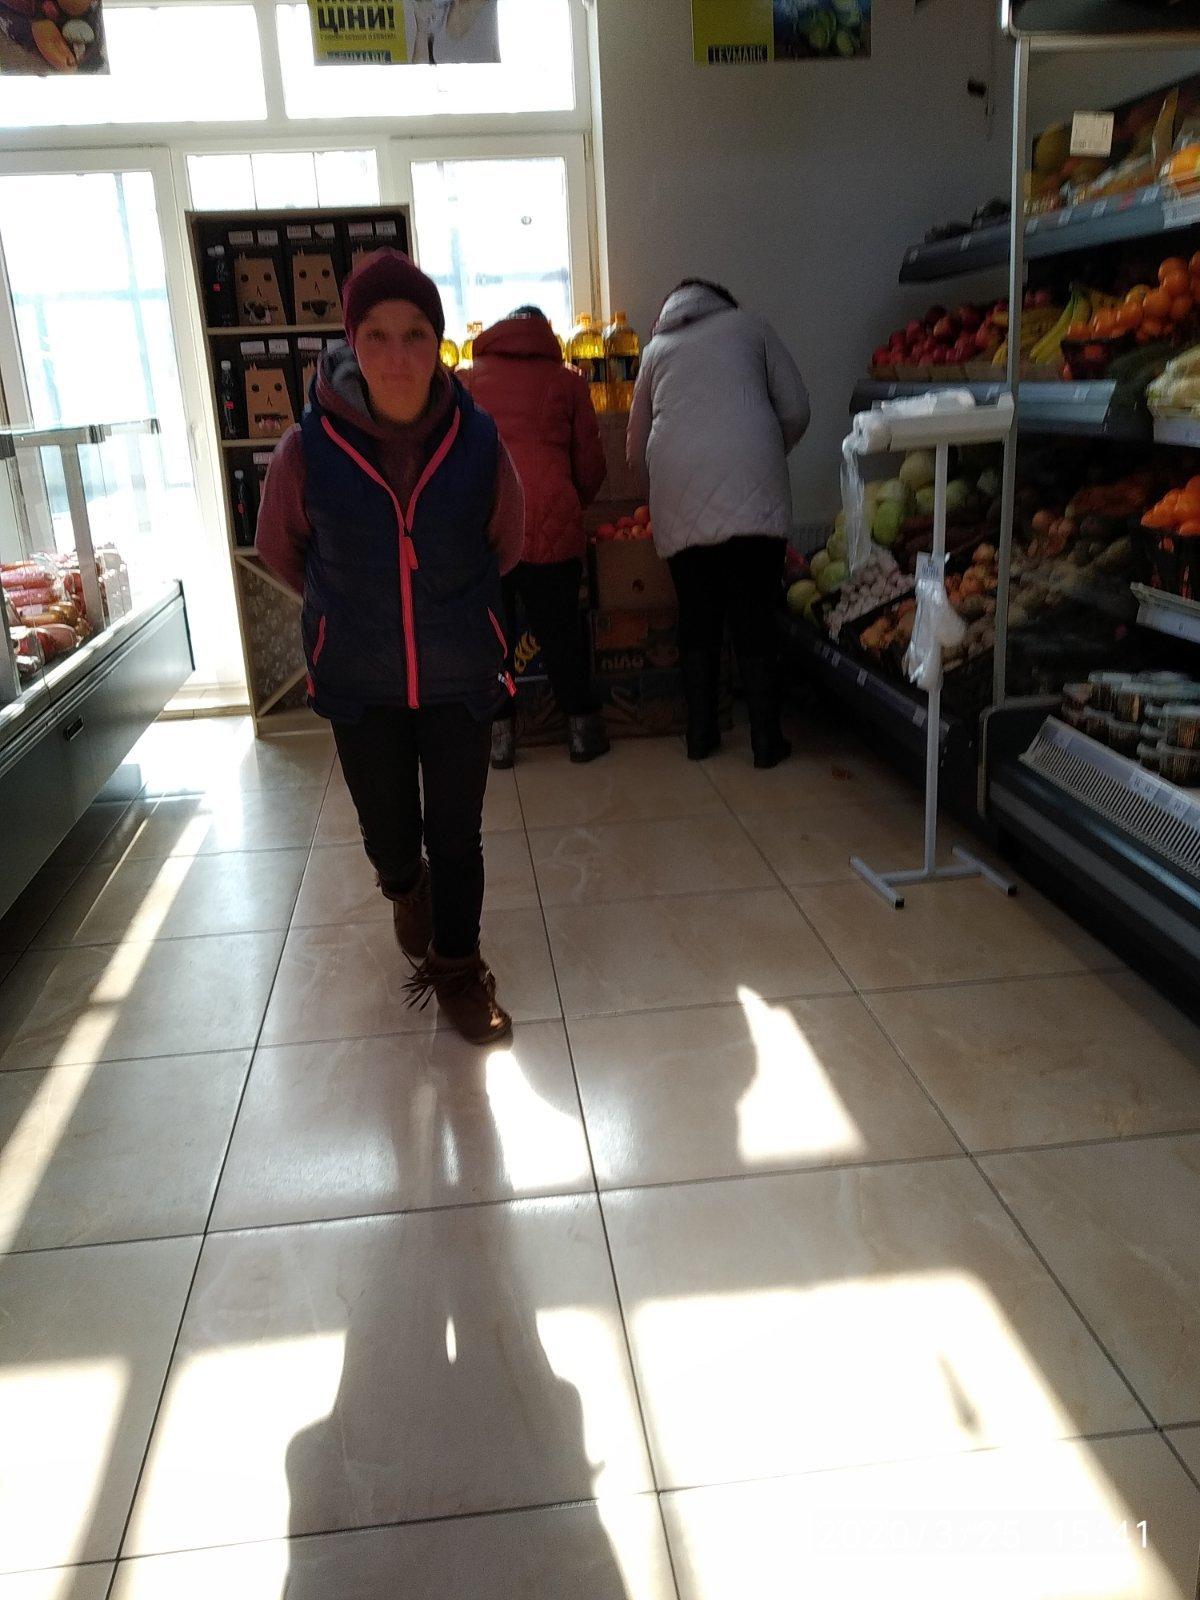 Четверта смерть від COVID-19: у Тернополі помер 64-річний чоловік, фото-2, Фото - 03247.com.ua